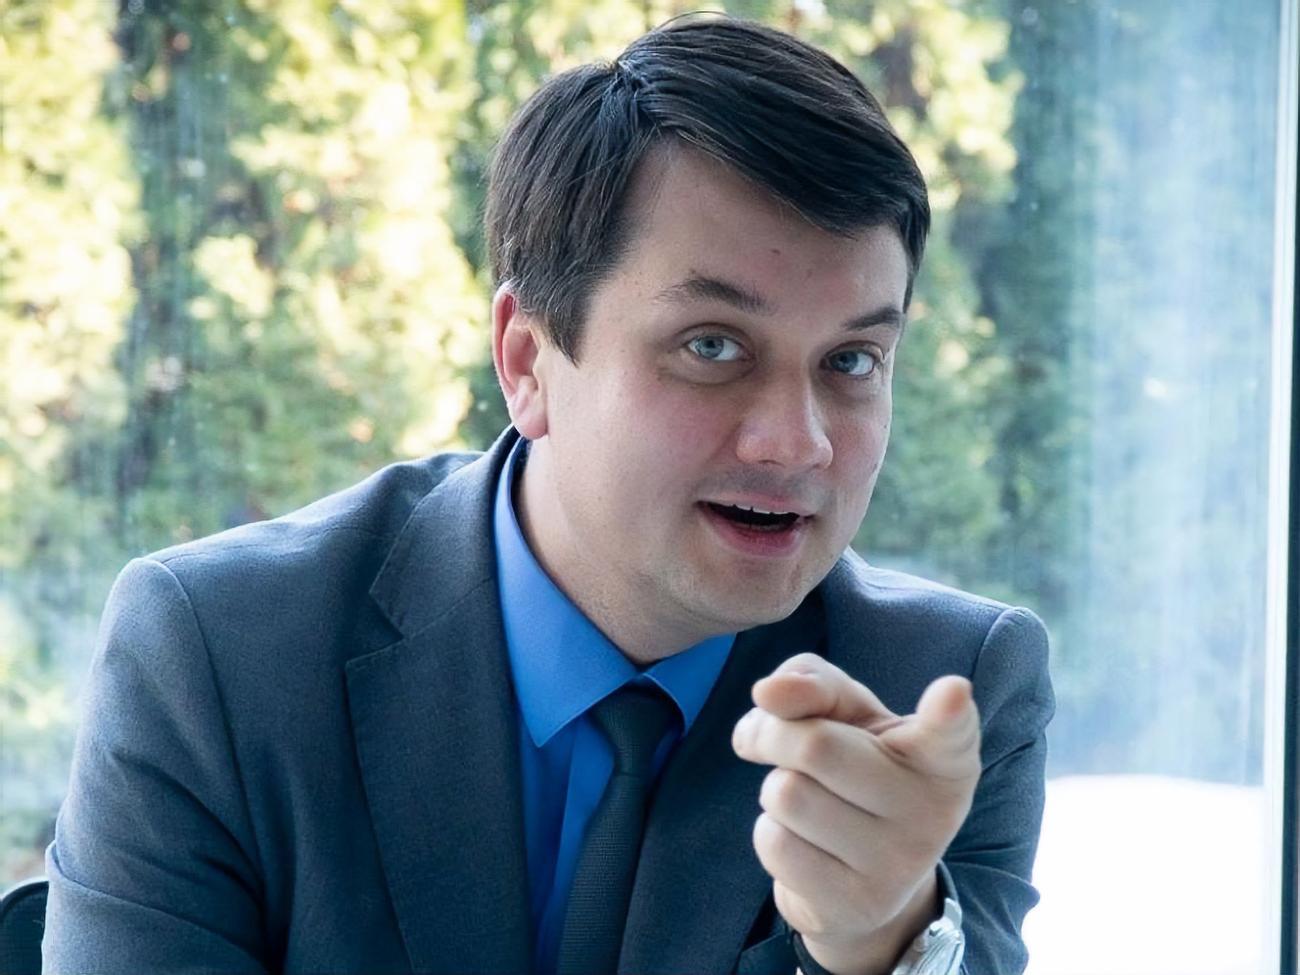 Рискнёт ли спикер Верховной Рады заткнуть самого Зеленского, когда тот заговорит на русском?